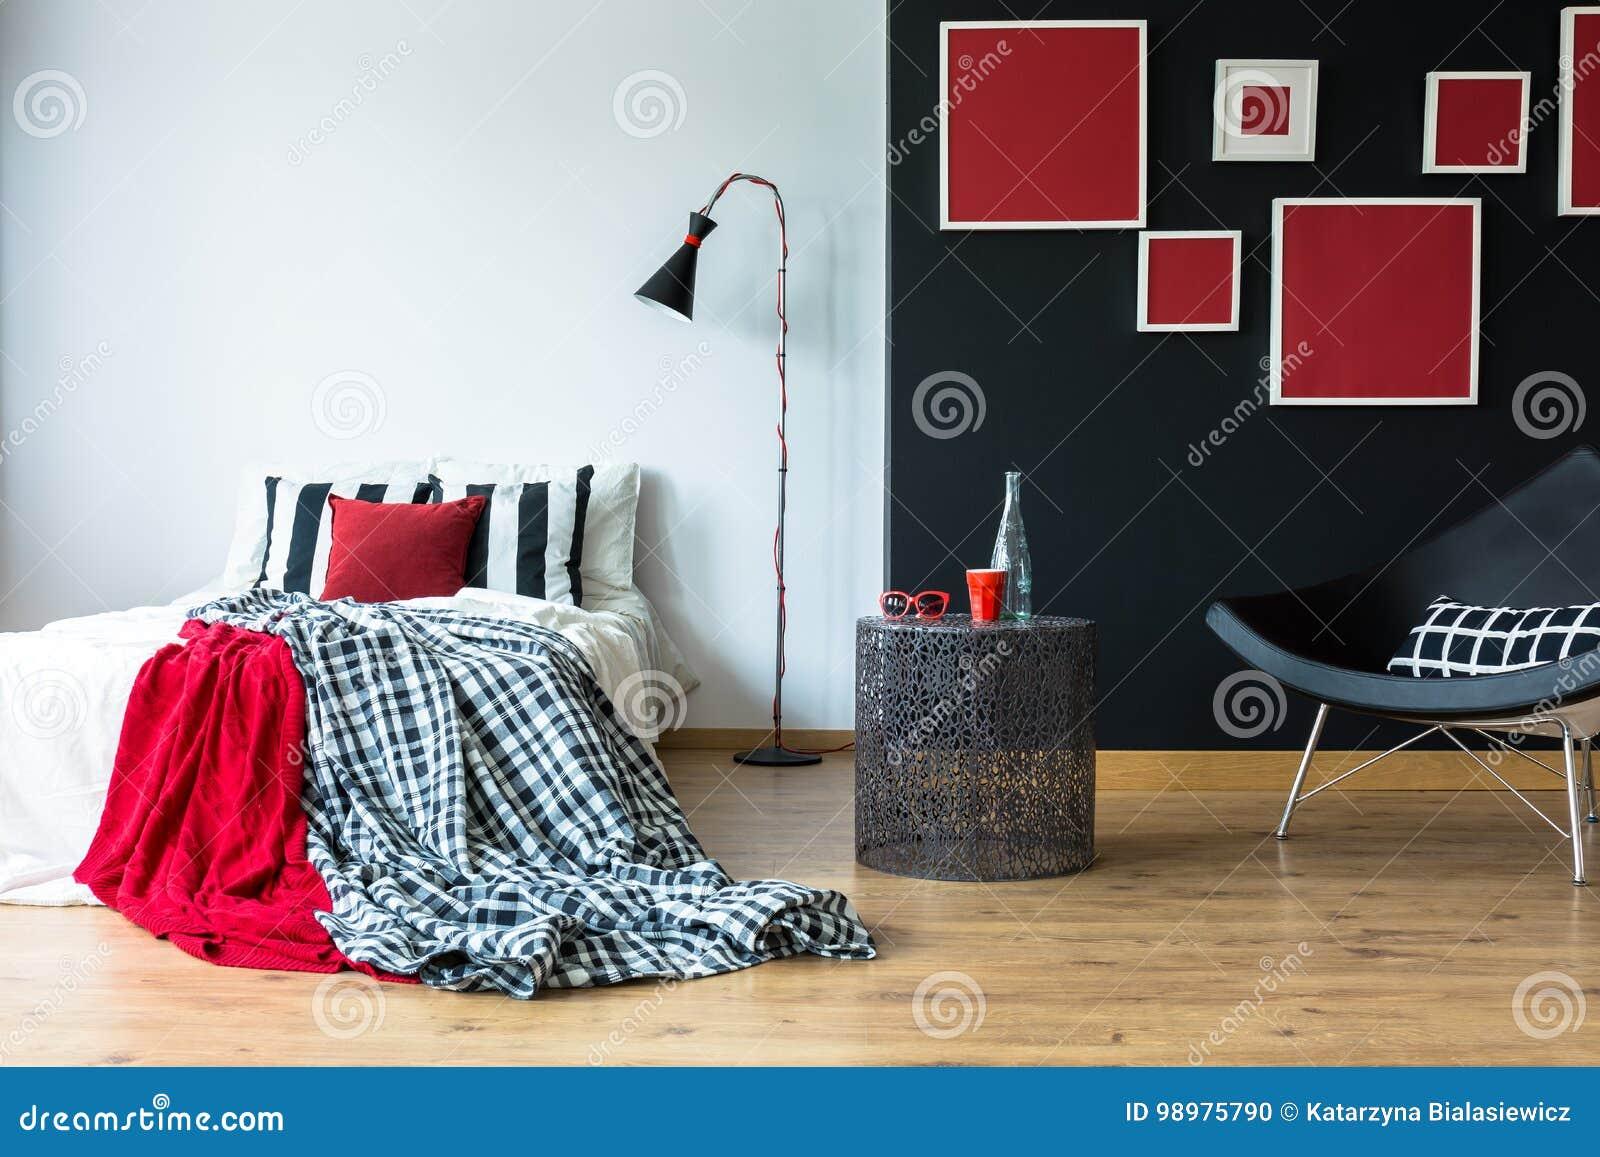 Comfortabele Slaapkamer Met Rode Schilderijen Stock Foto ...